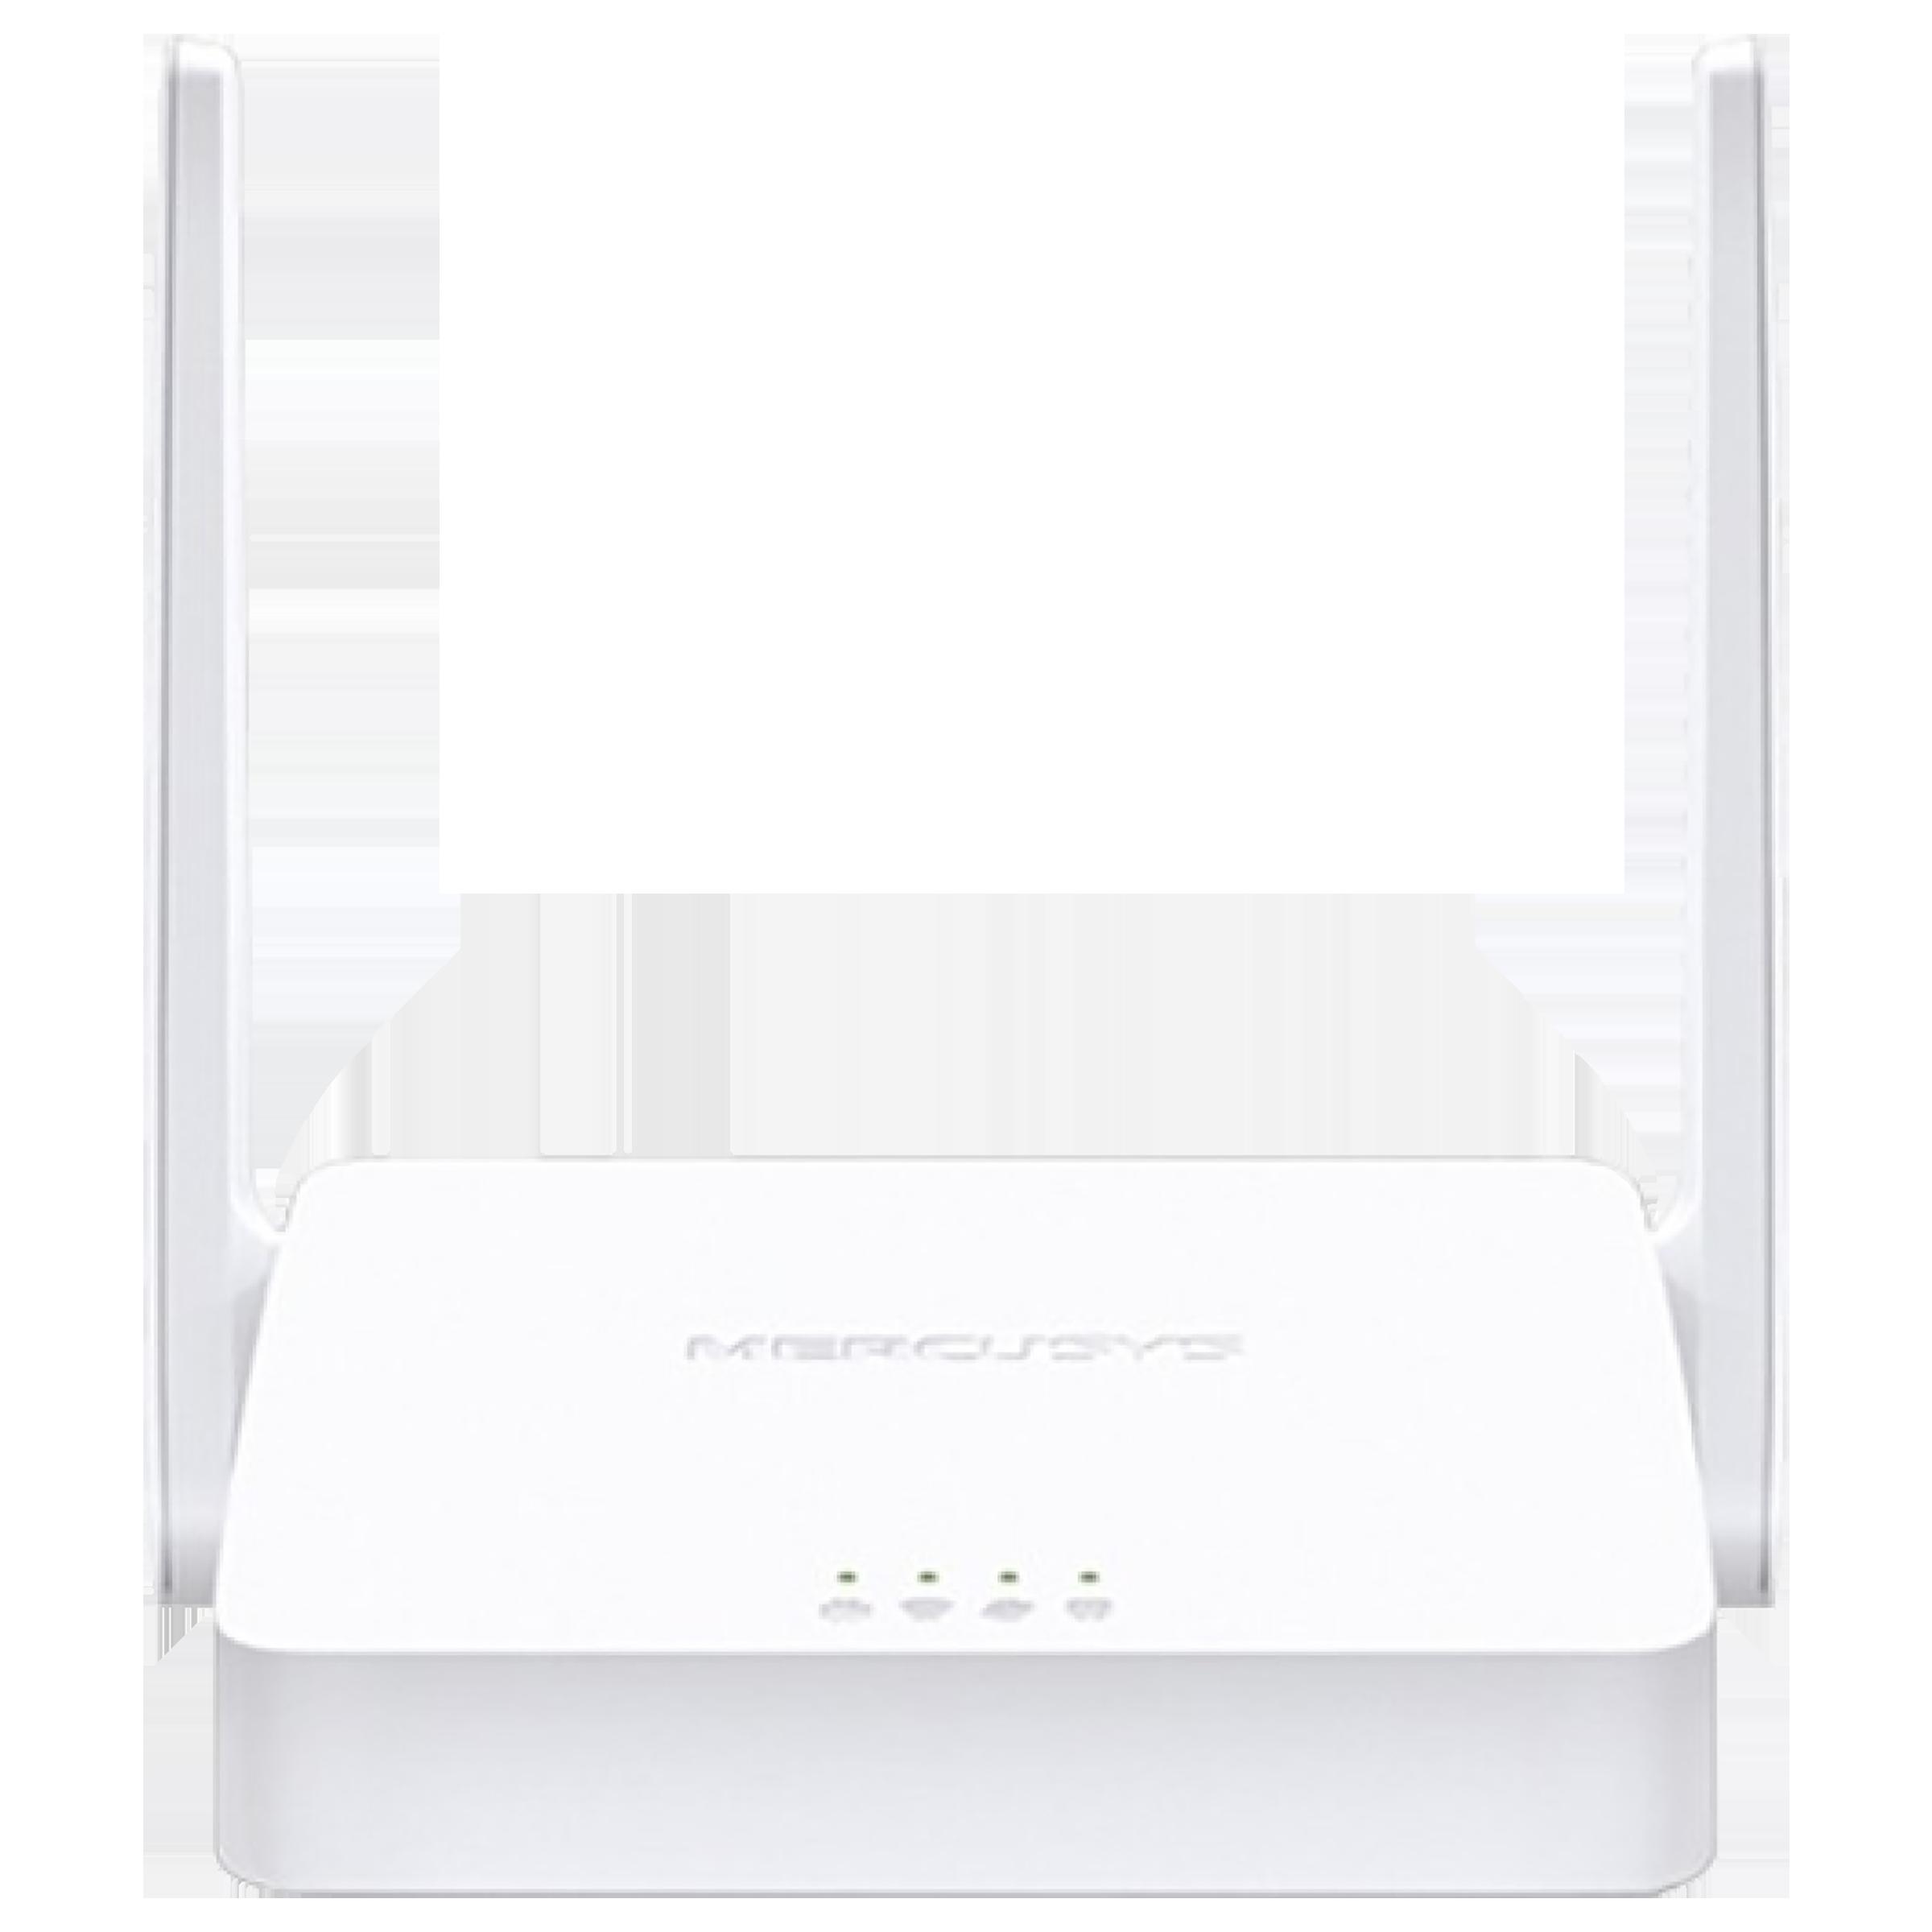 Mercusys MW302R-M 300 MbpsWiFi Router (2 Antennas, 2 LAN Ports, White)